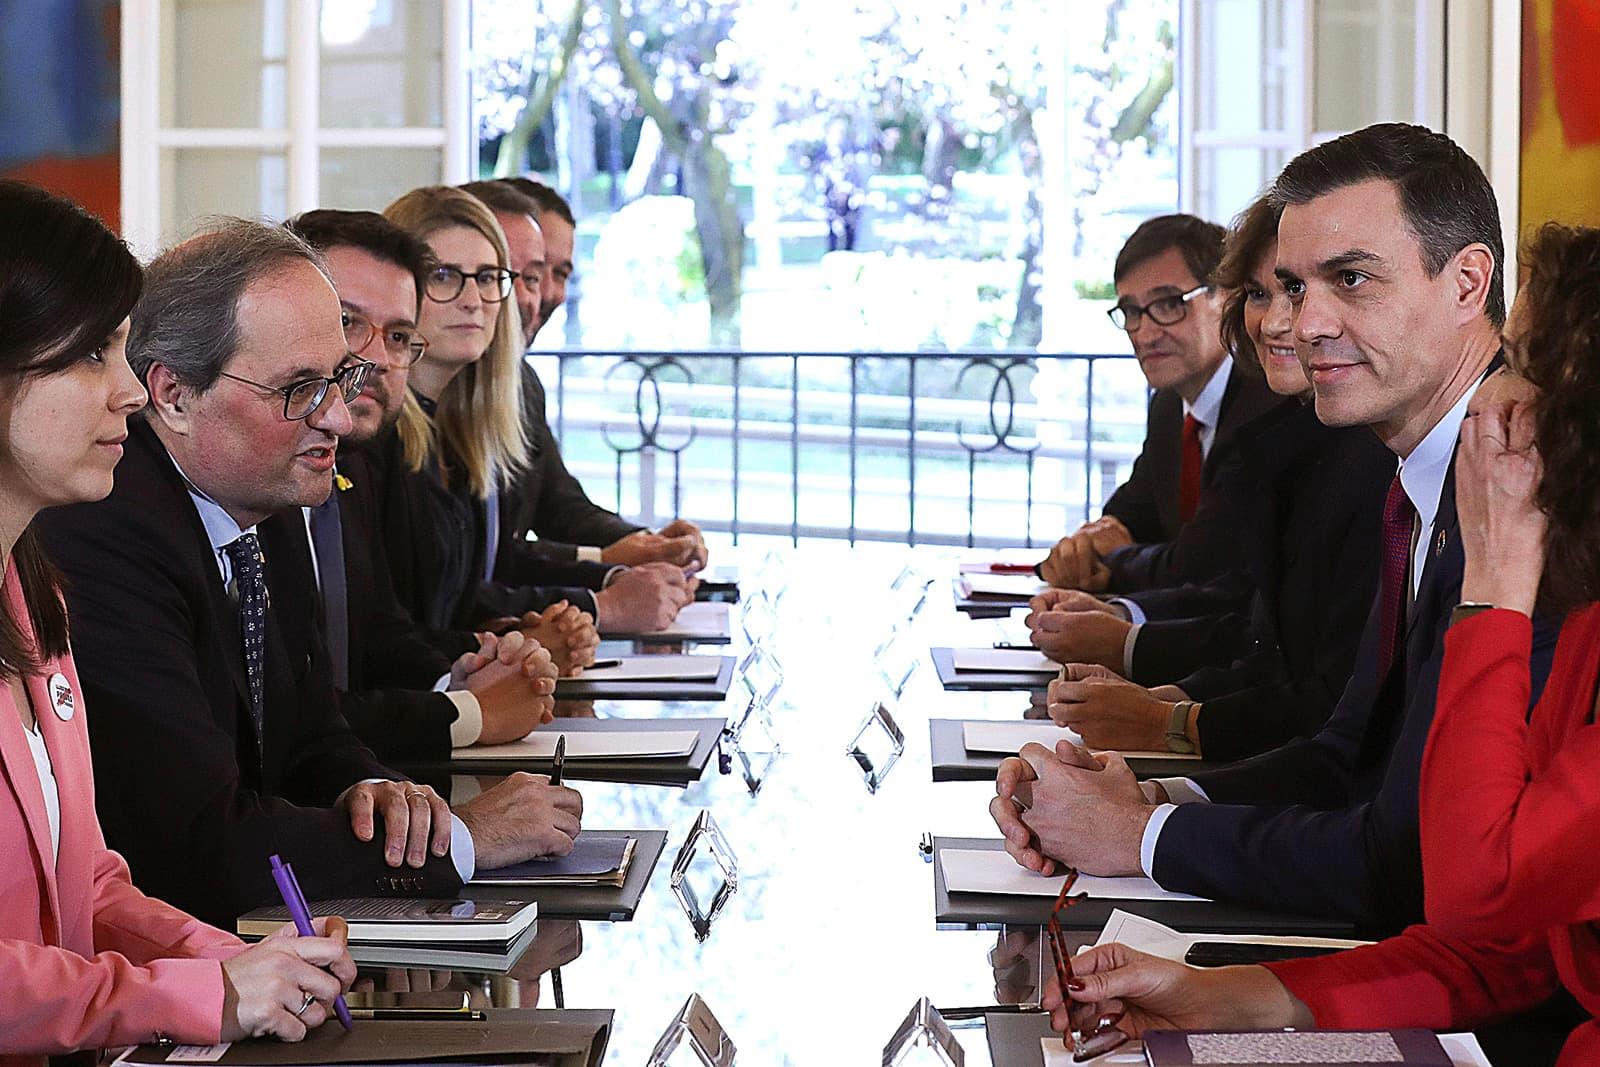 Primera reunió de la taula de diàleg entre el govern espanyol i el català, el 26 de febrer, a la Moncloa. Fotografia de Kiko Huesca/Efe